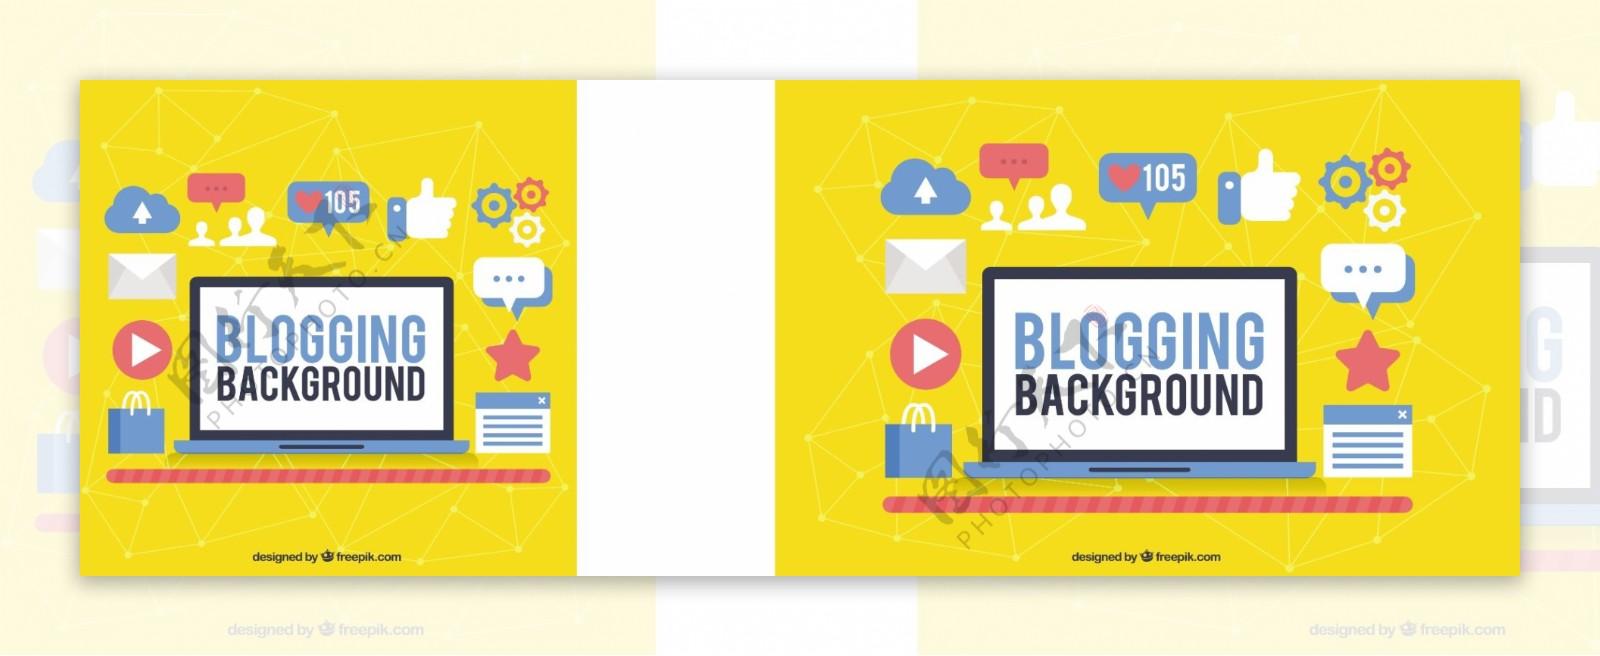 黄色博客背景与图标